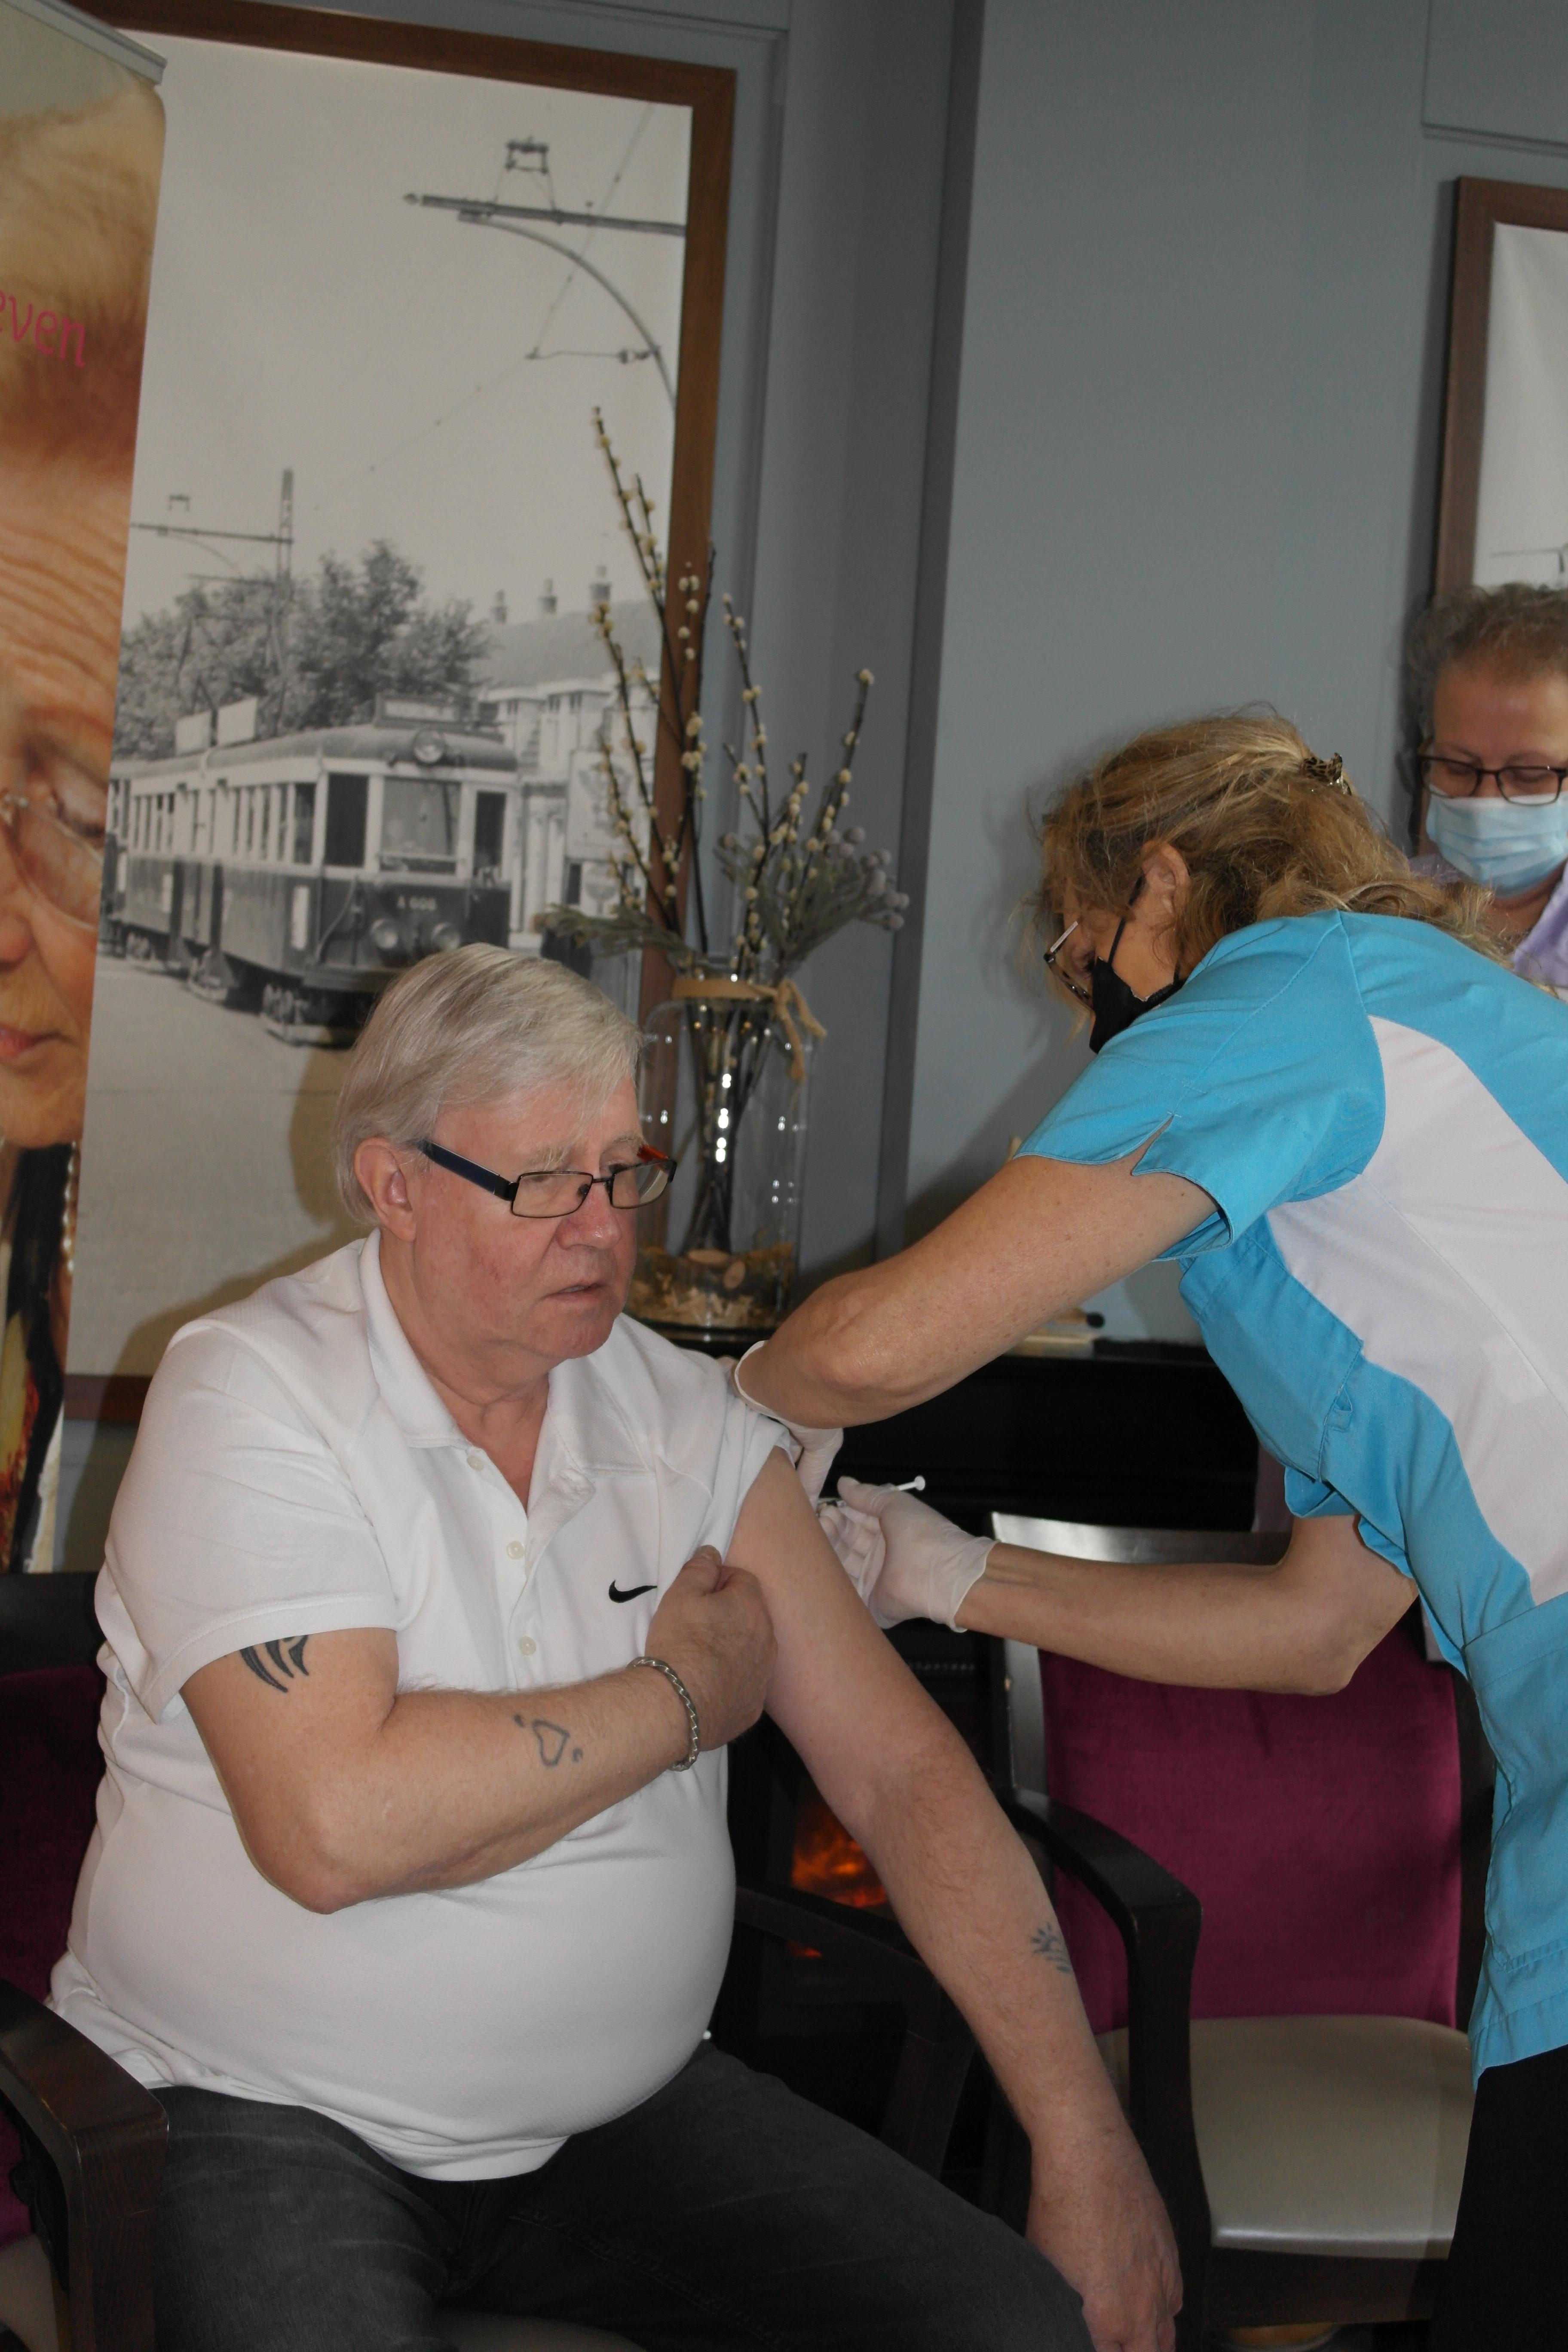 Meneer De Lange, bewoner van verzorgingshuis Vlietstede, is blij met zijn vaccinatie: 'Je voelt er niks van'